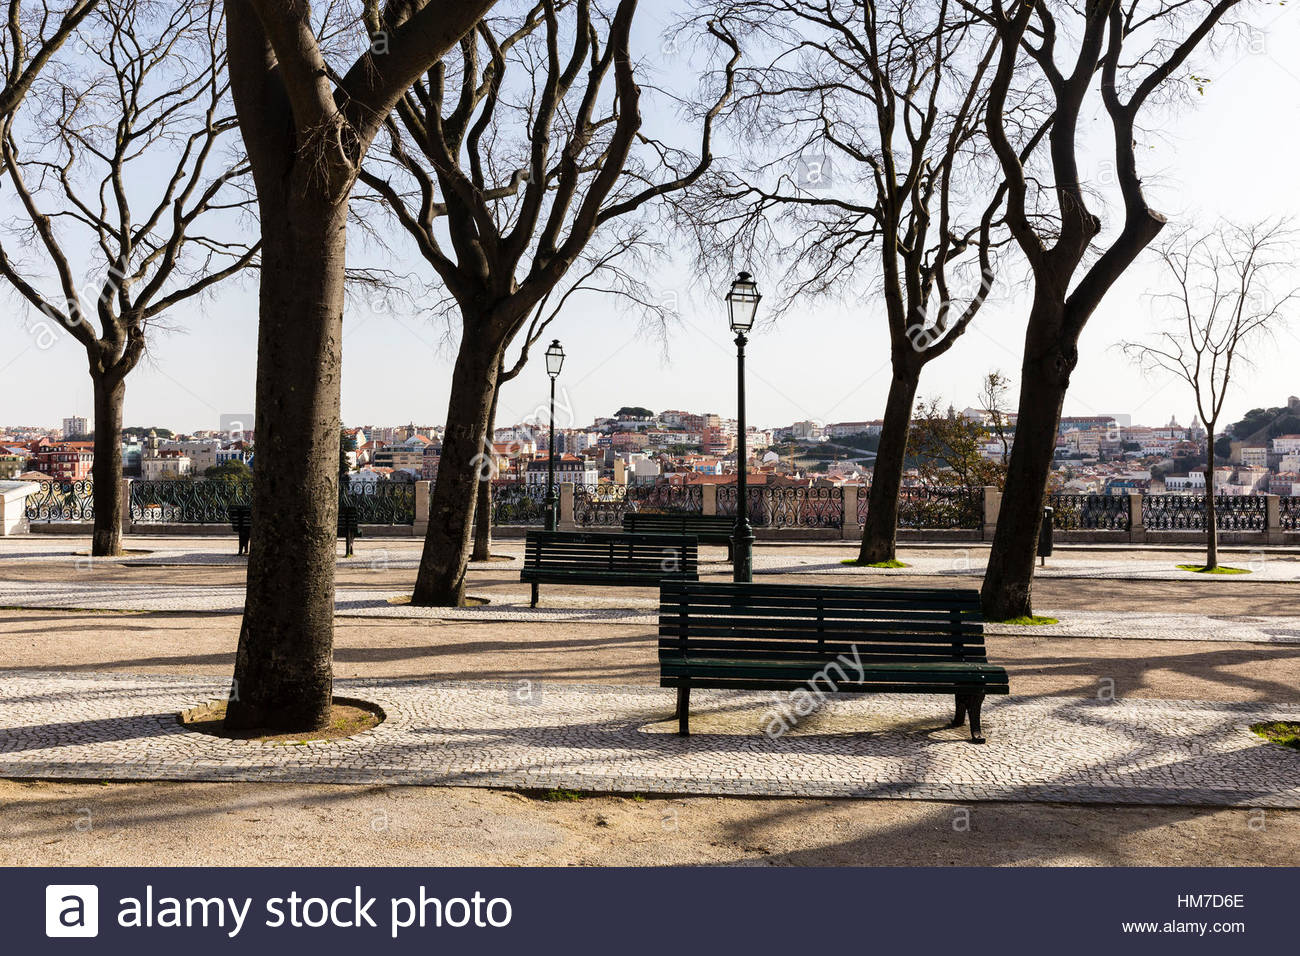 Kunst und Handwerk, Capital Cities, City, Kopfsteinpflaster, Farbbild, Brunnen, Lissabon, Miradouro de São Stockbild